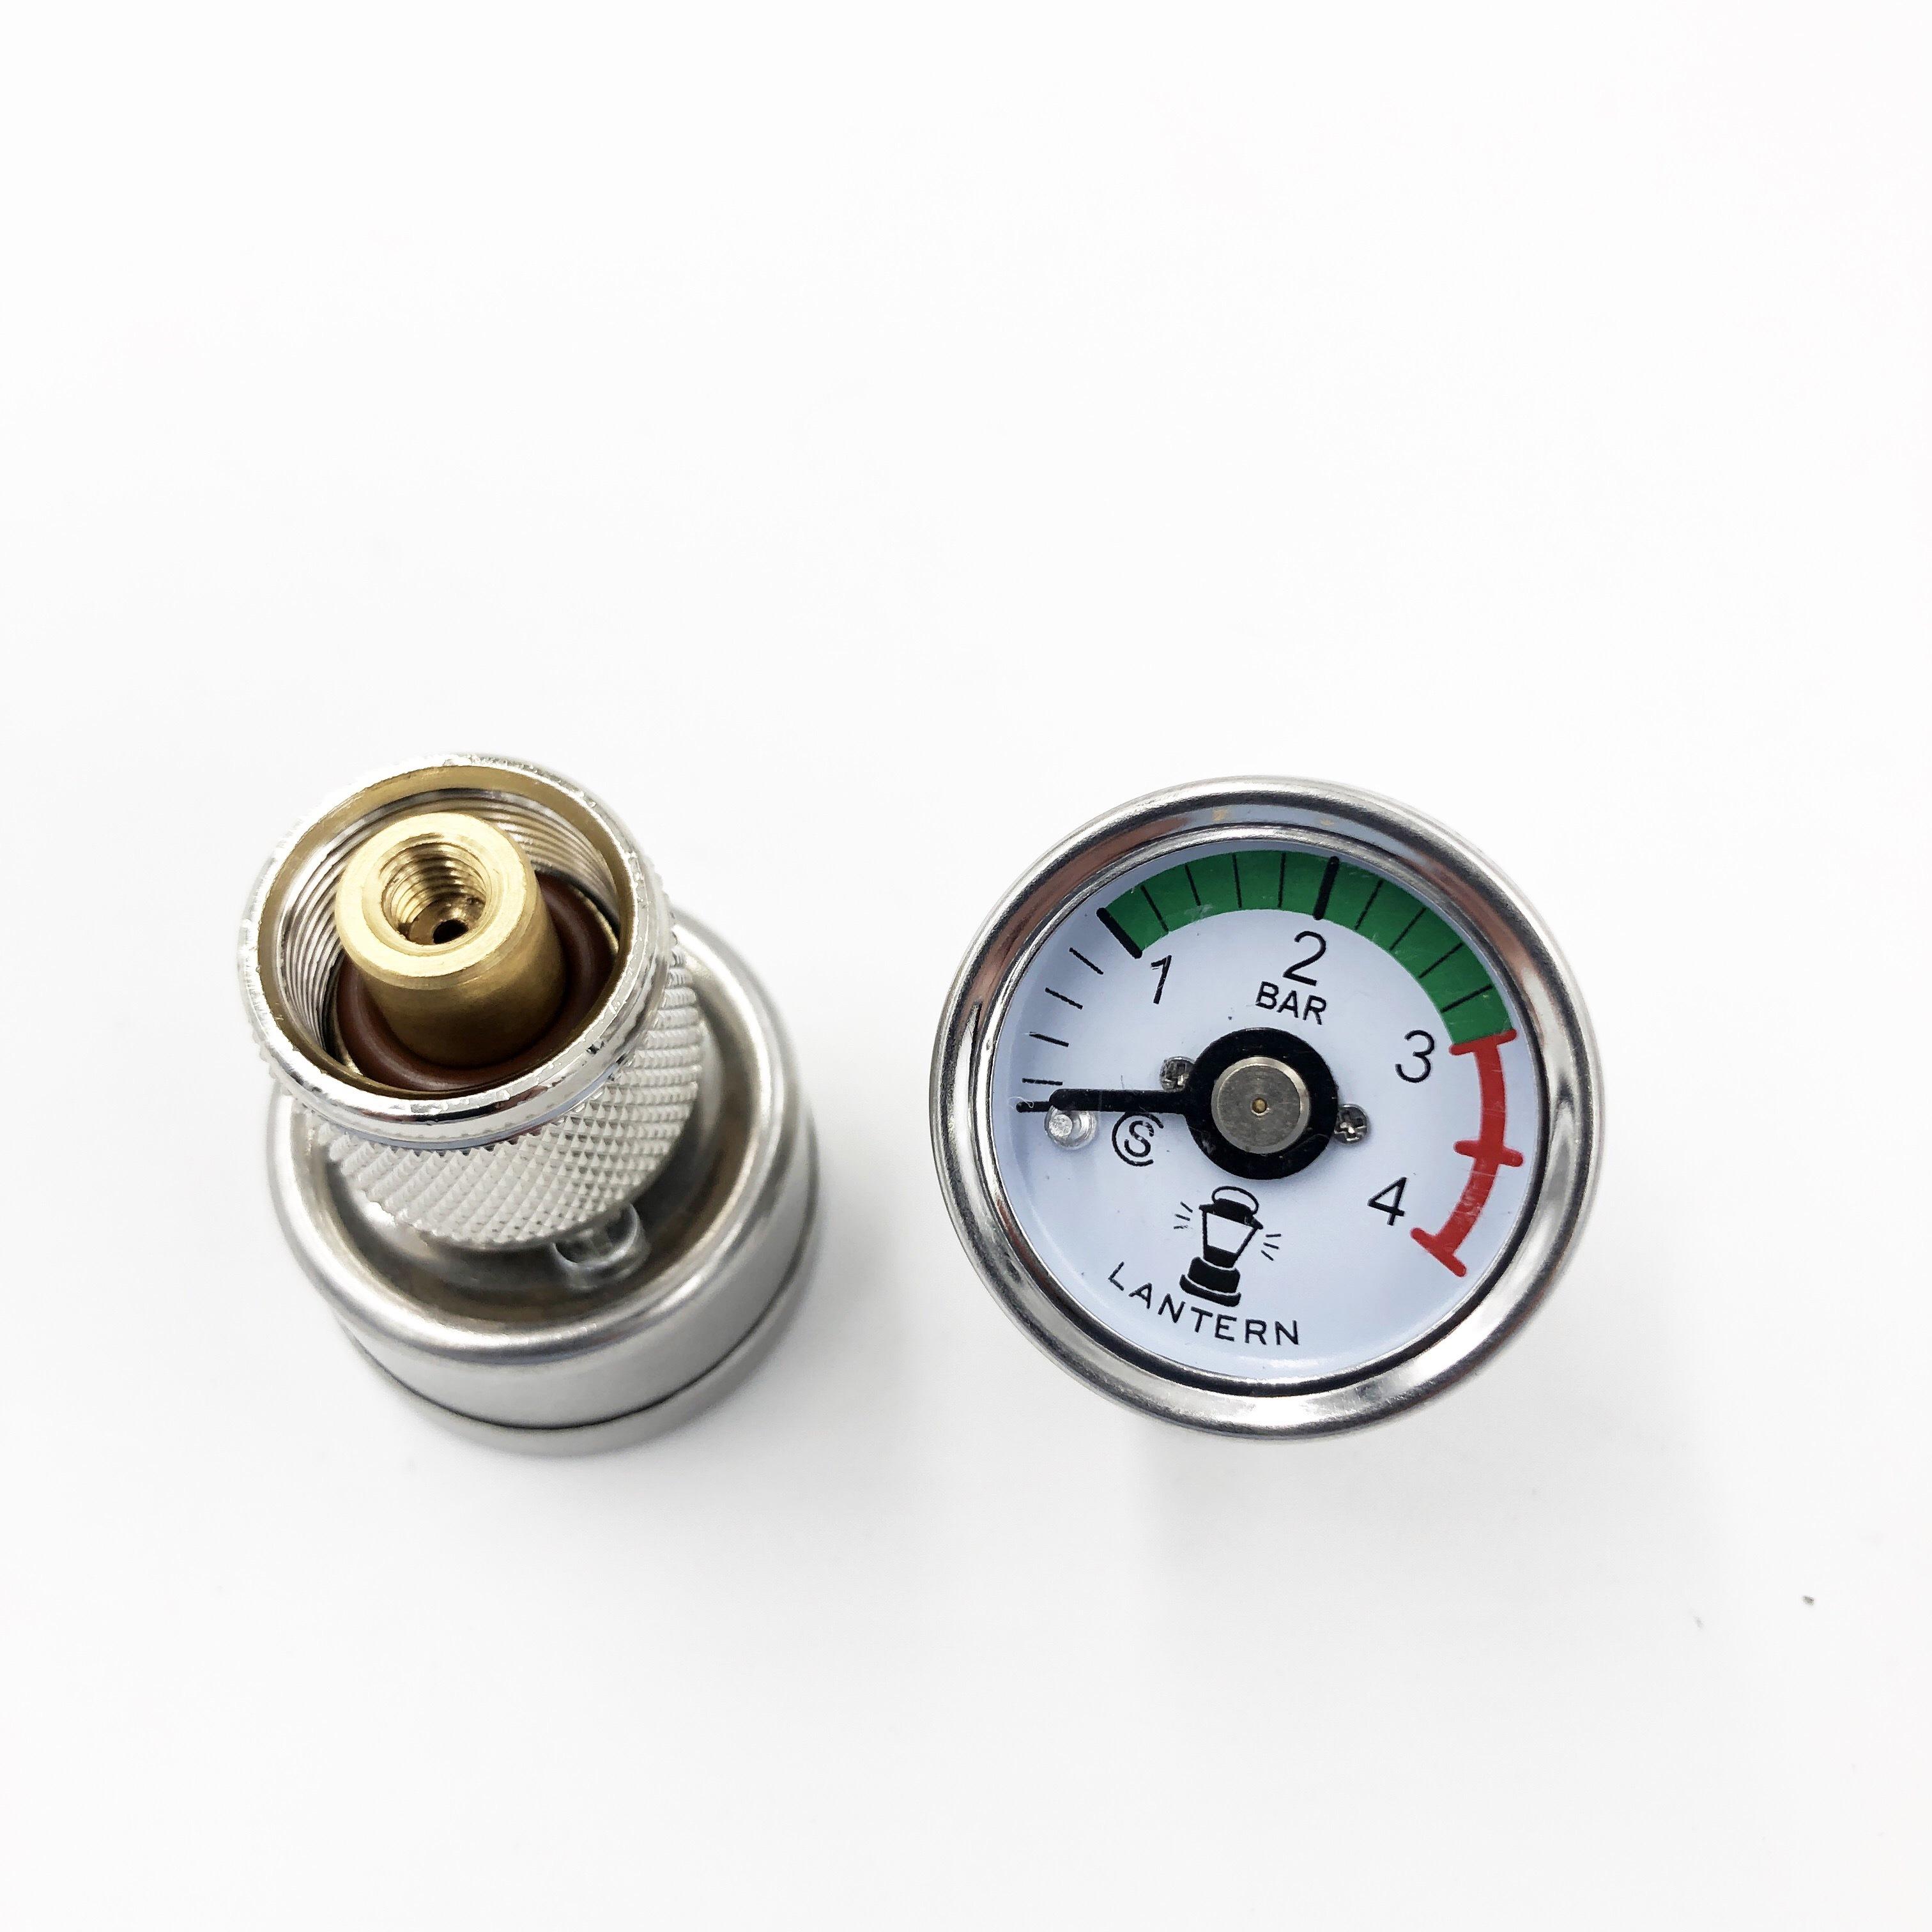 242・243・247・249専用!コールマンランタン用圧力ゲージ・圧力計付きフィラーキャップ ランタン用圧力計 (スモール)